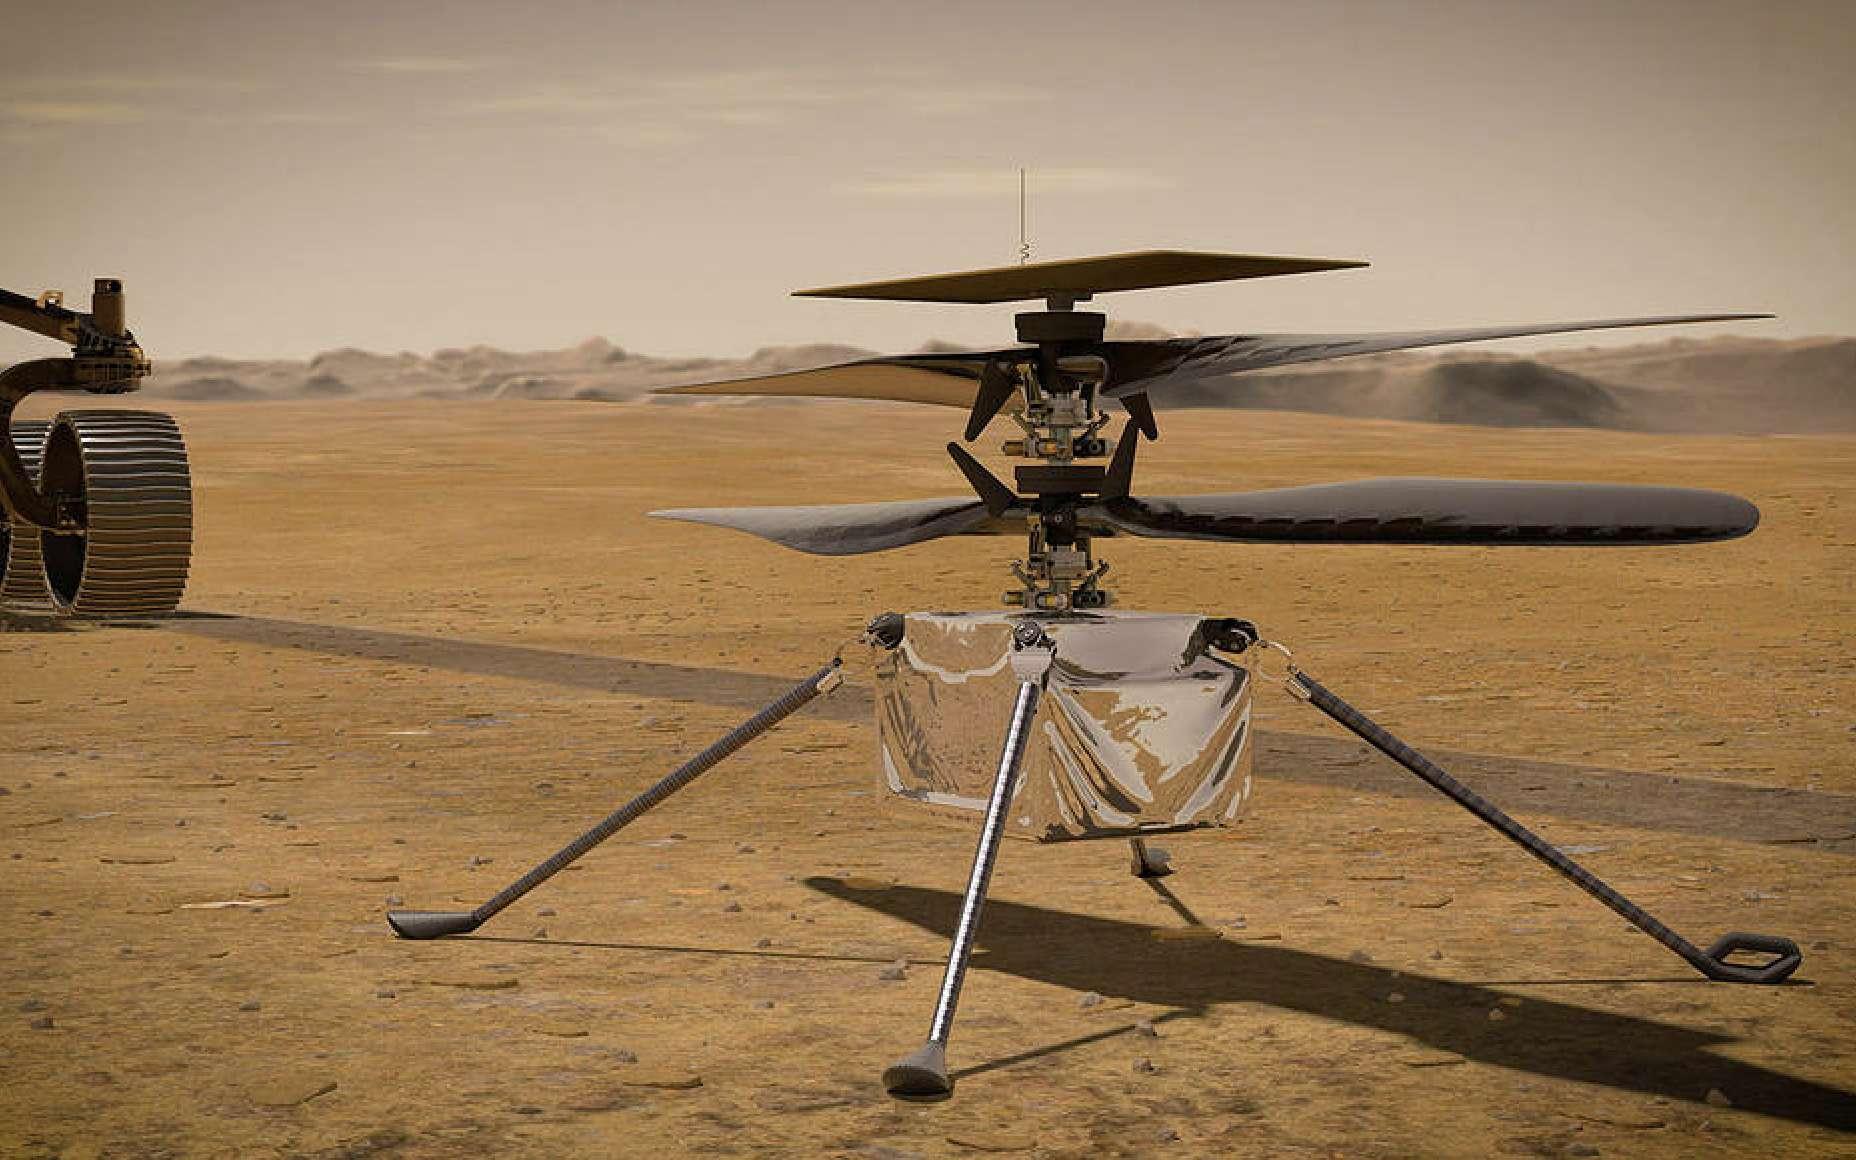 Vue d'artiste d'Ingenuity, le premier hélicoptère envoyé sur Mars. © Nasa, JPL-Caltech